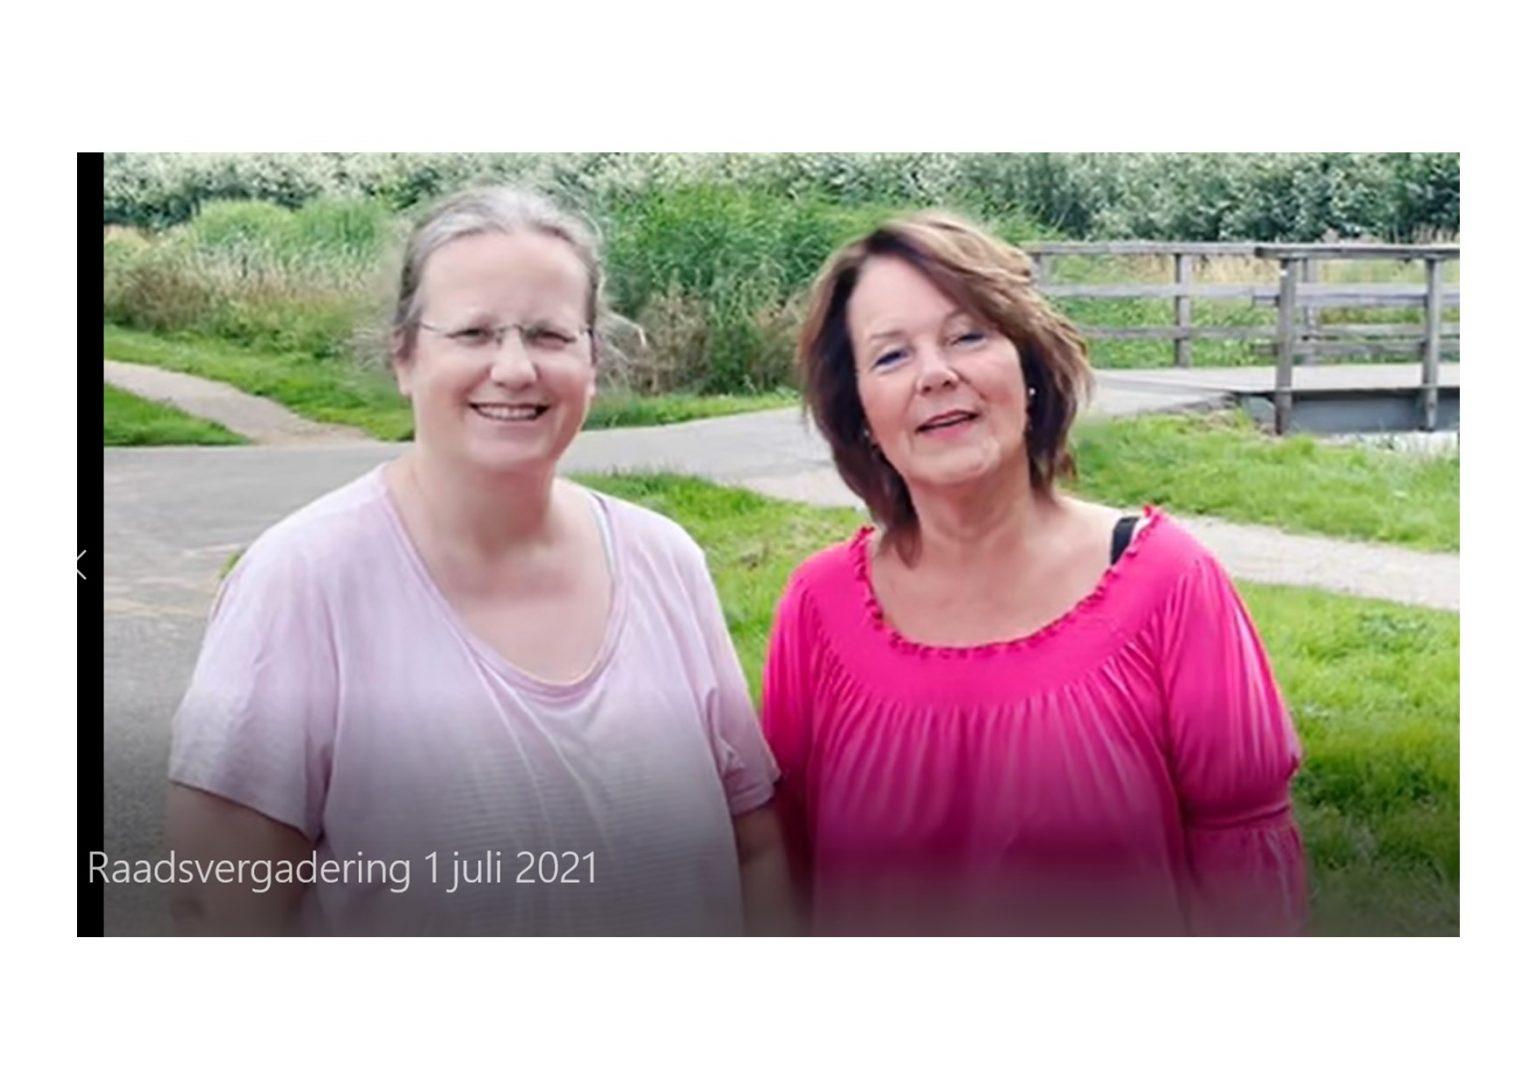 Vlogverslag Raadsvergadering 1 juli 2021